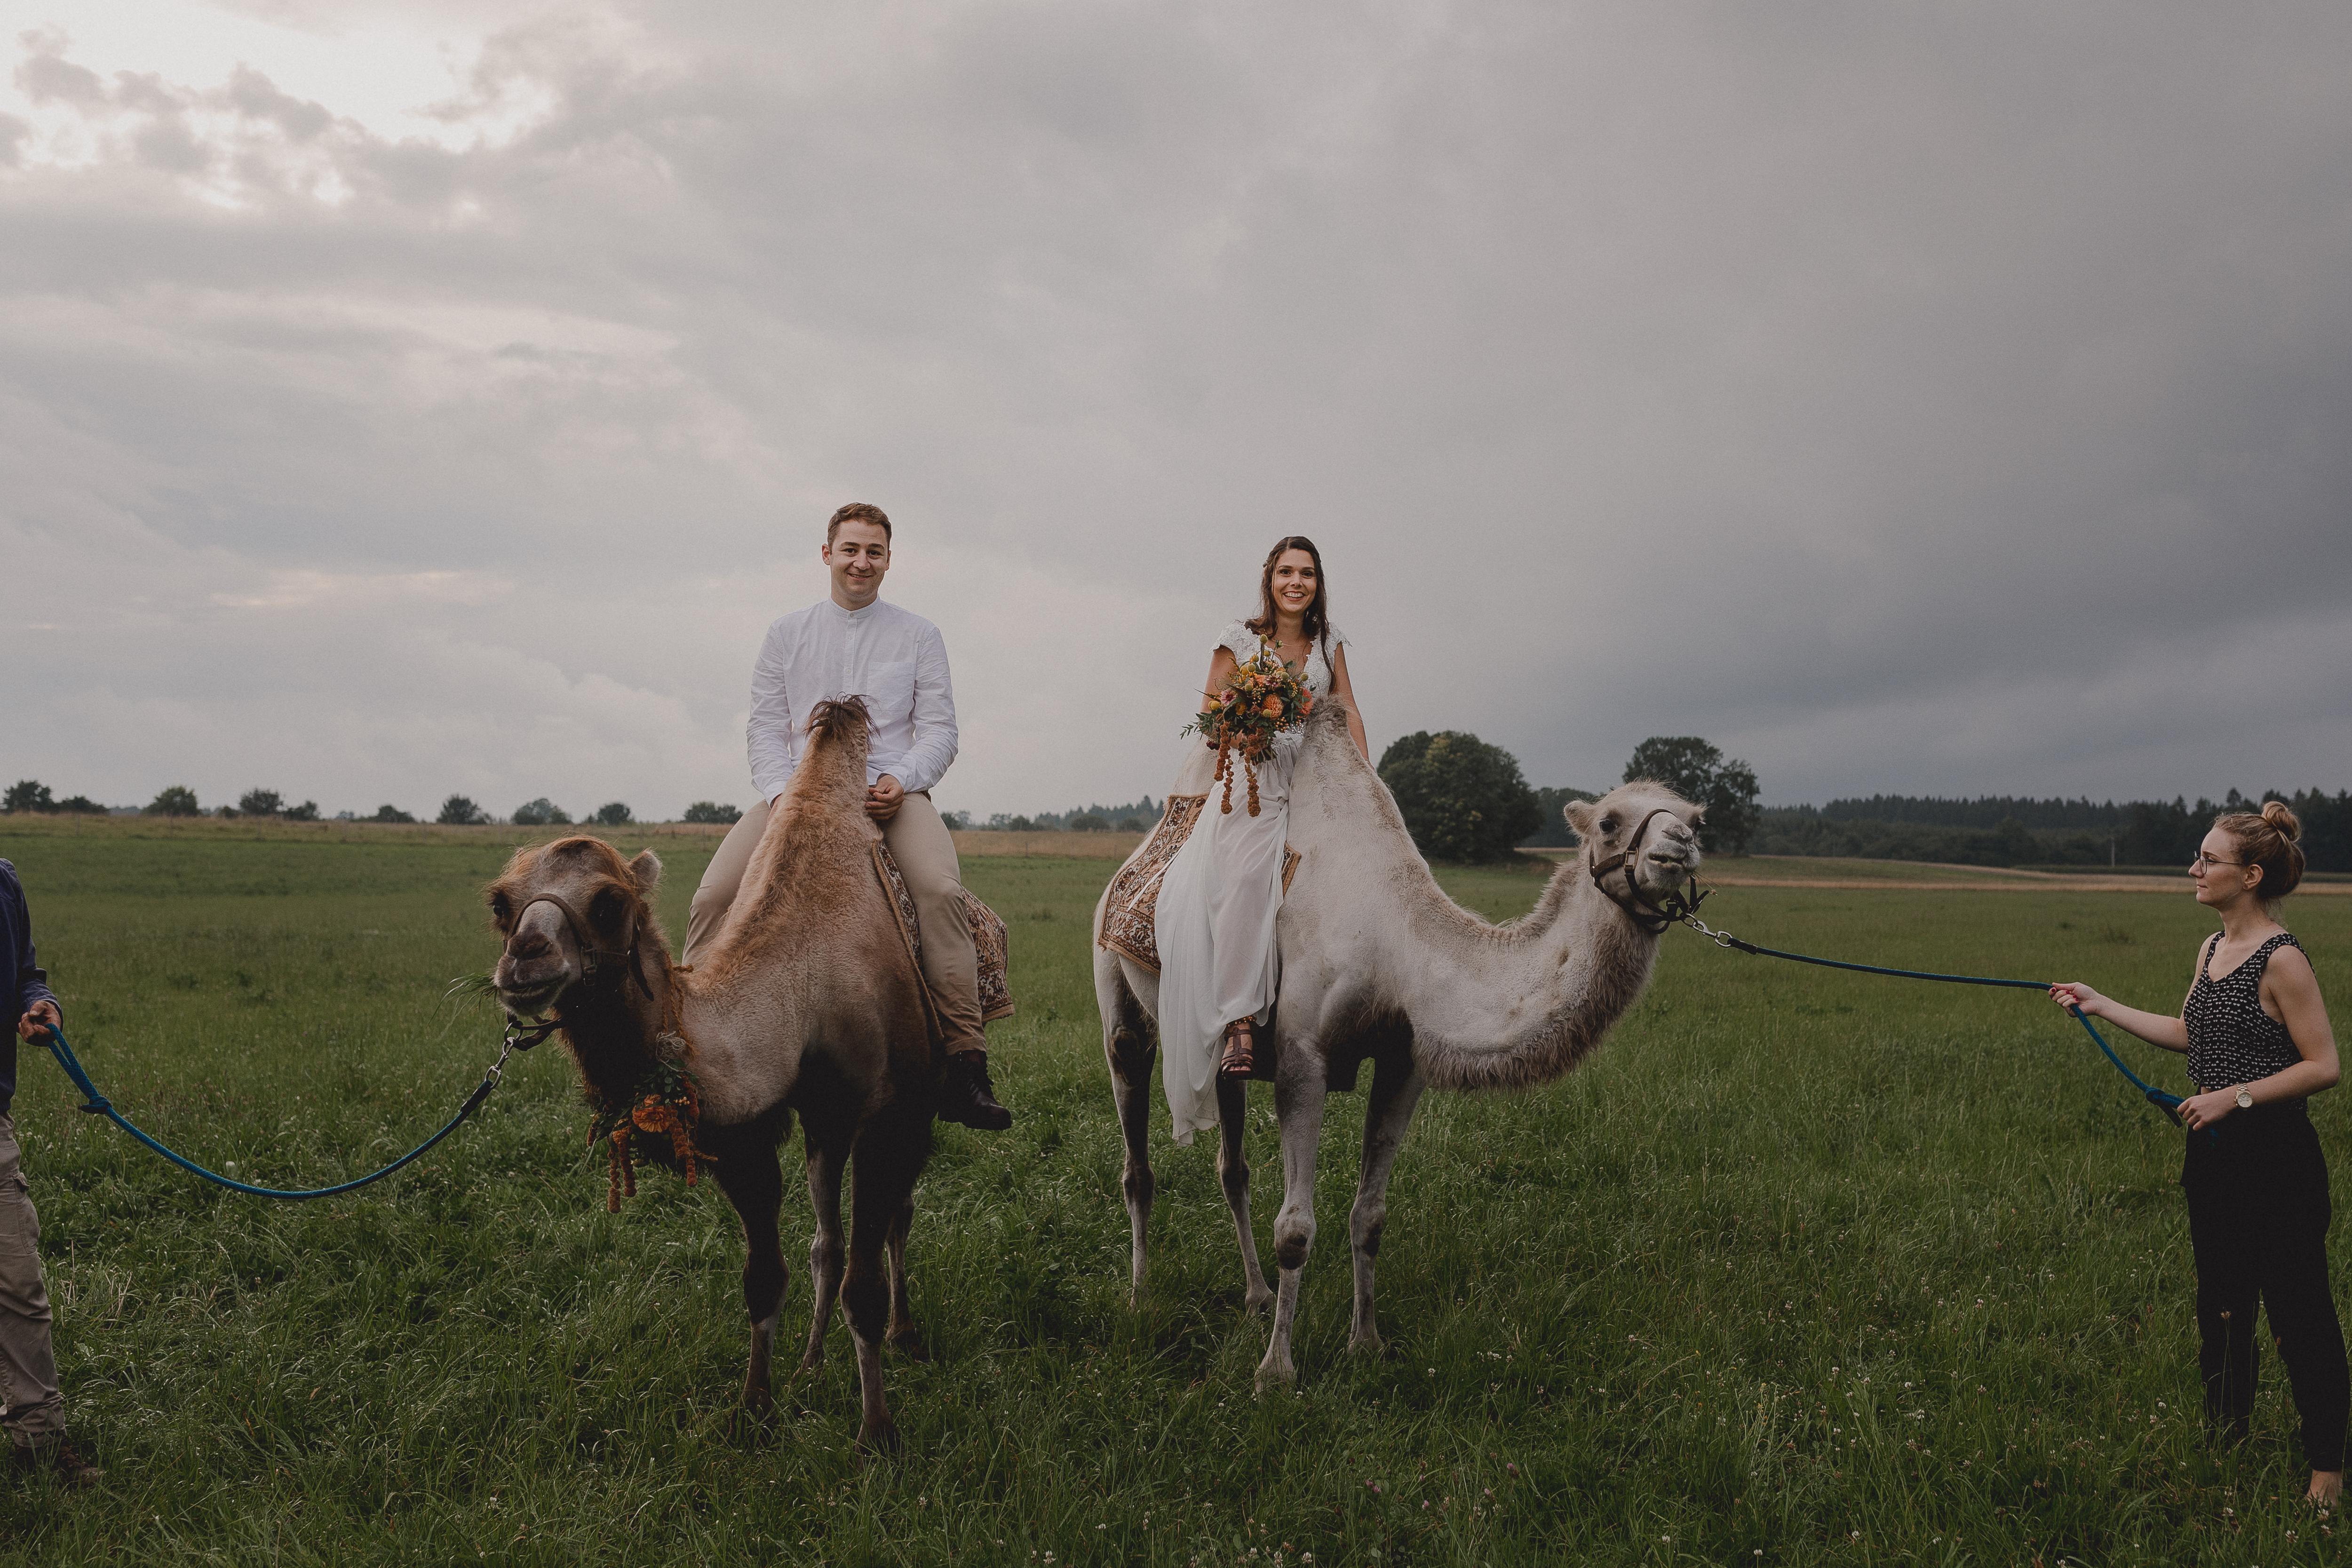 URBANERIE_Daniela_Goth_Vintage_Hochzeitsfotografin_Nuernberg_Fuerth_Erlangen_180721_0195